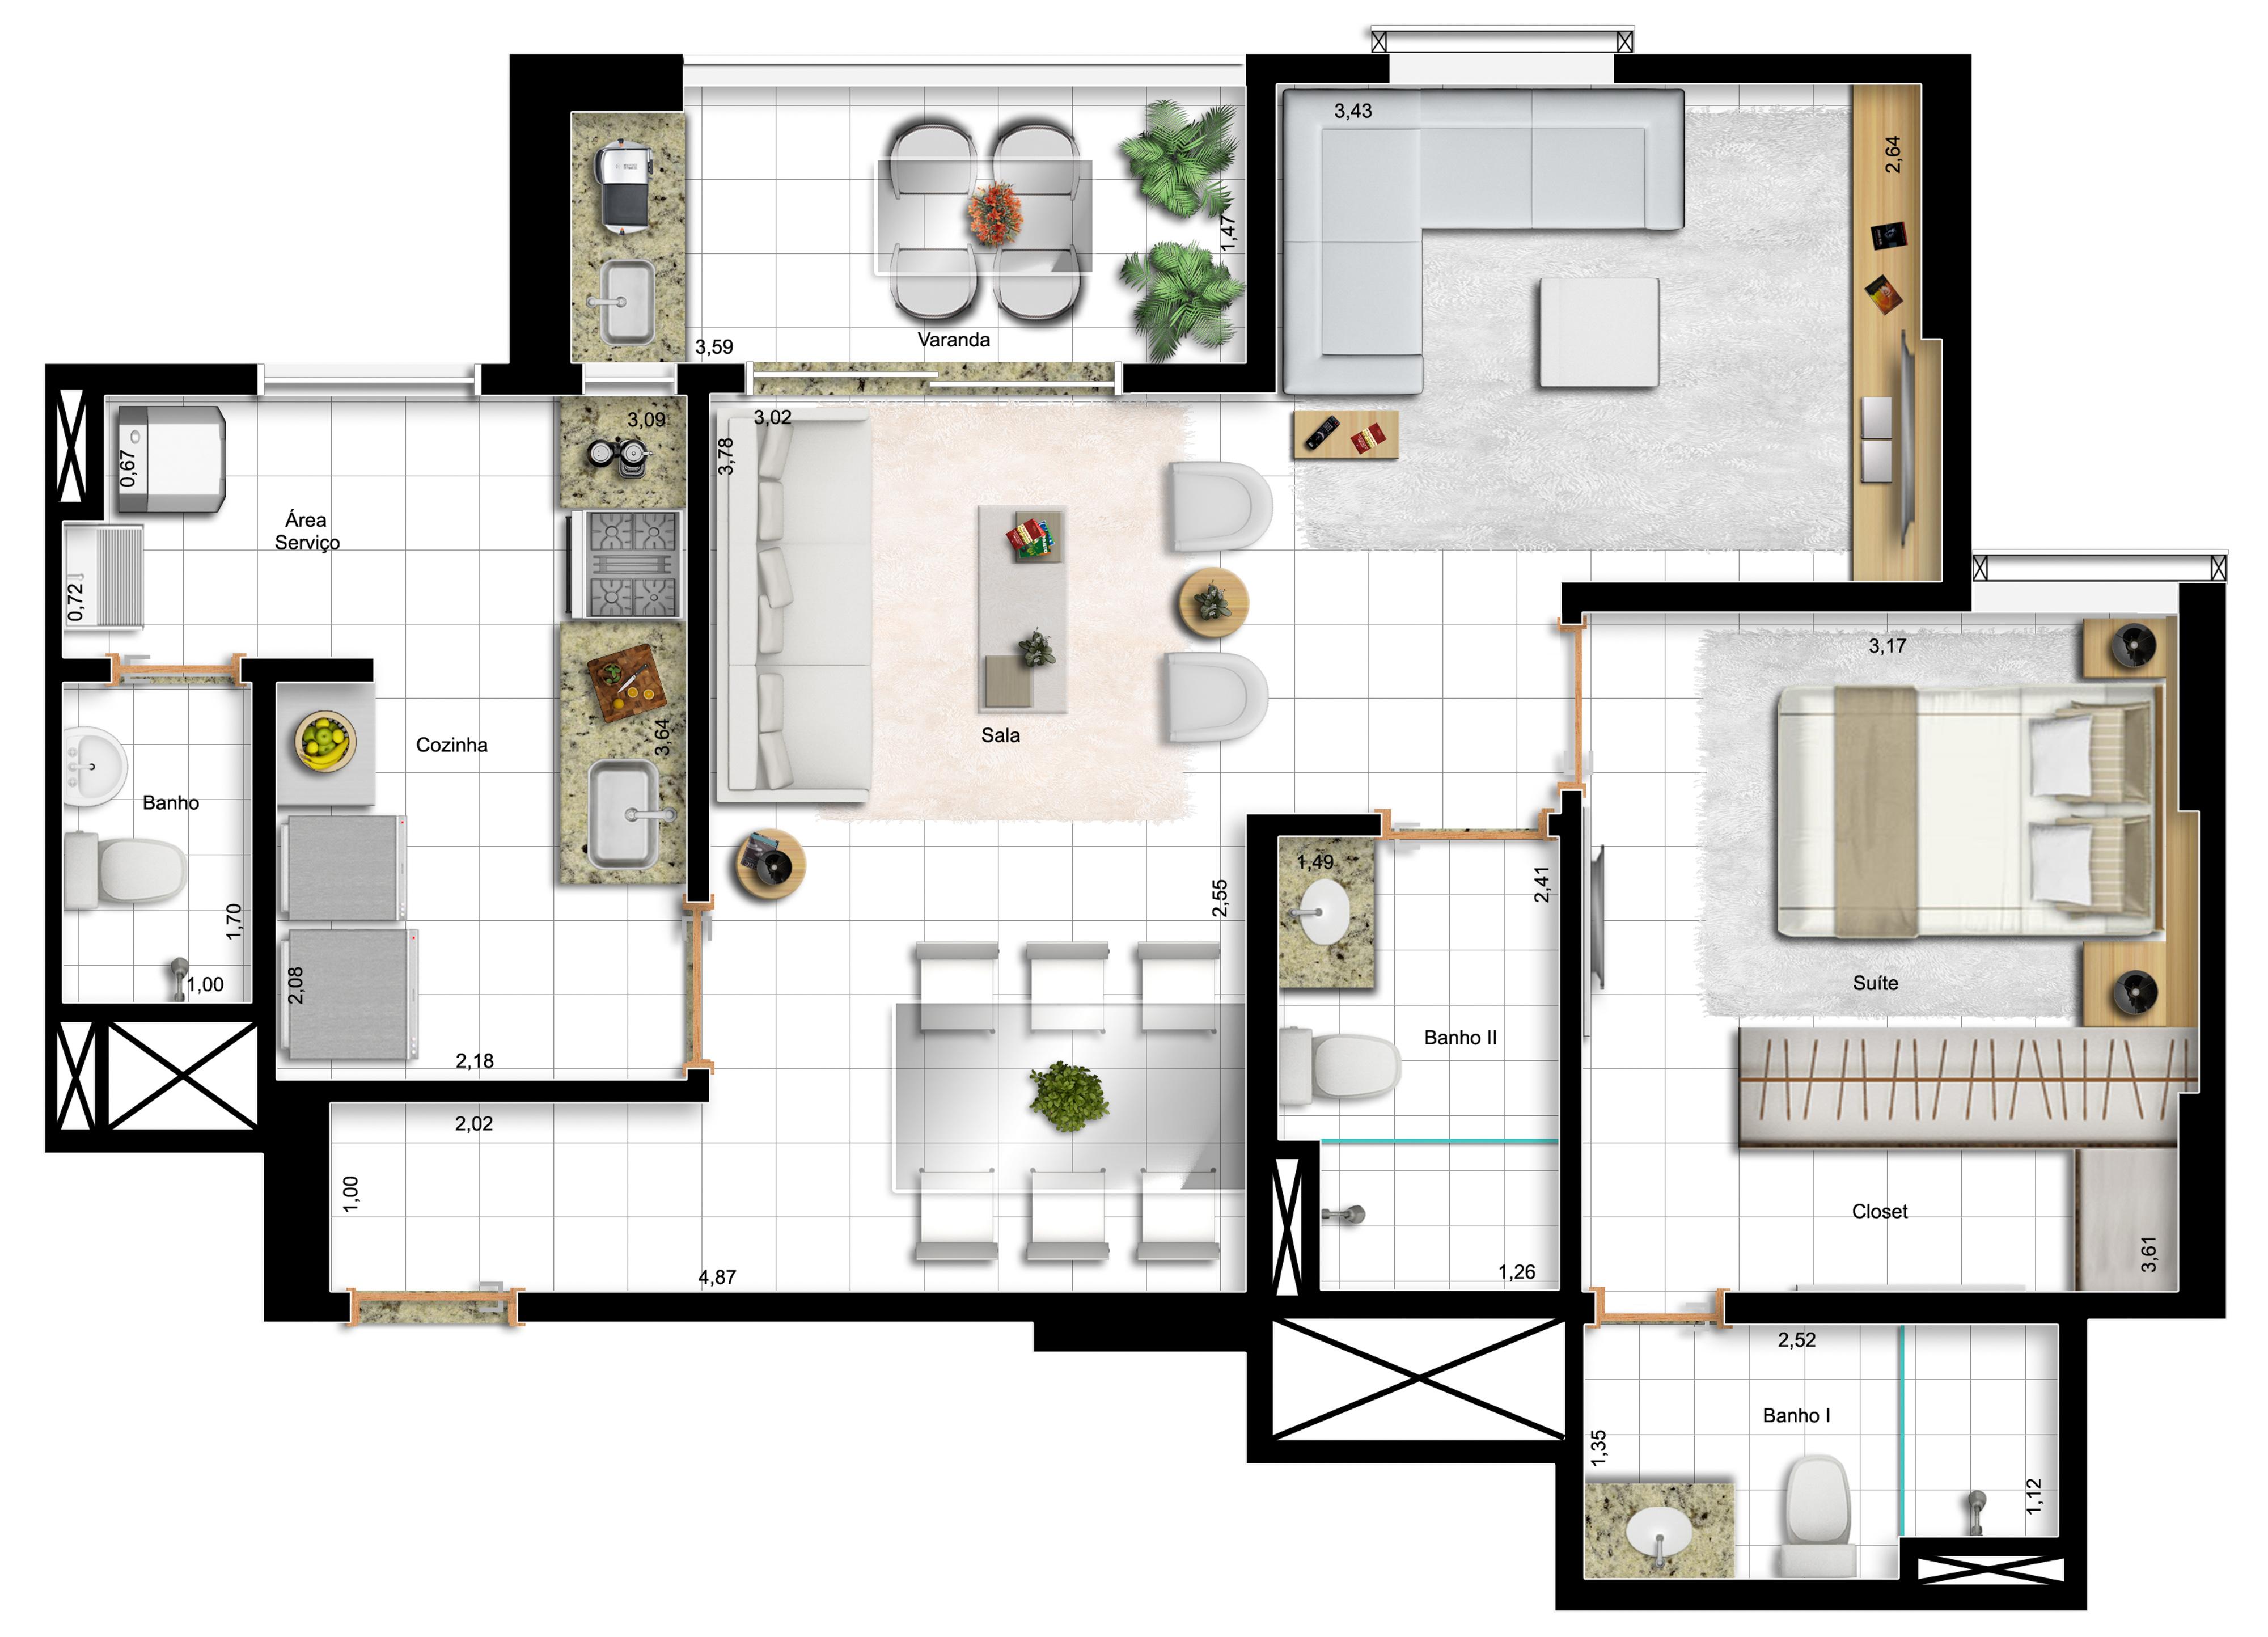 73,10m² 1 suíte - final 3 - opção com sala ampliada